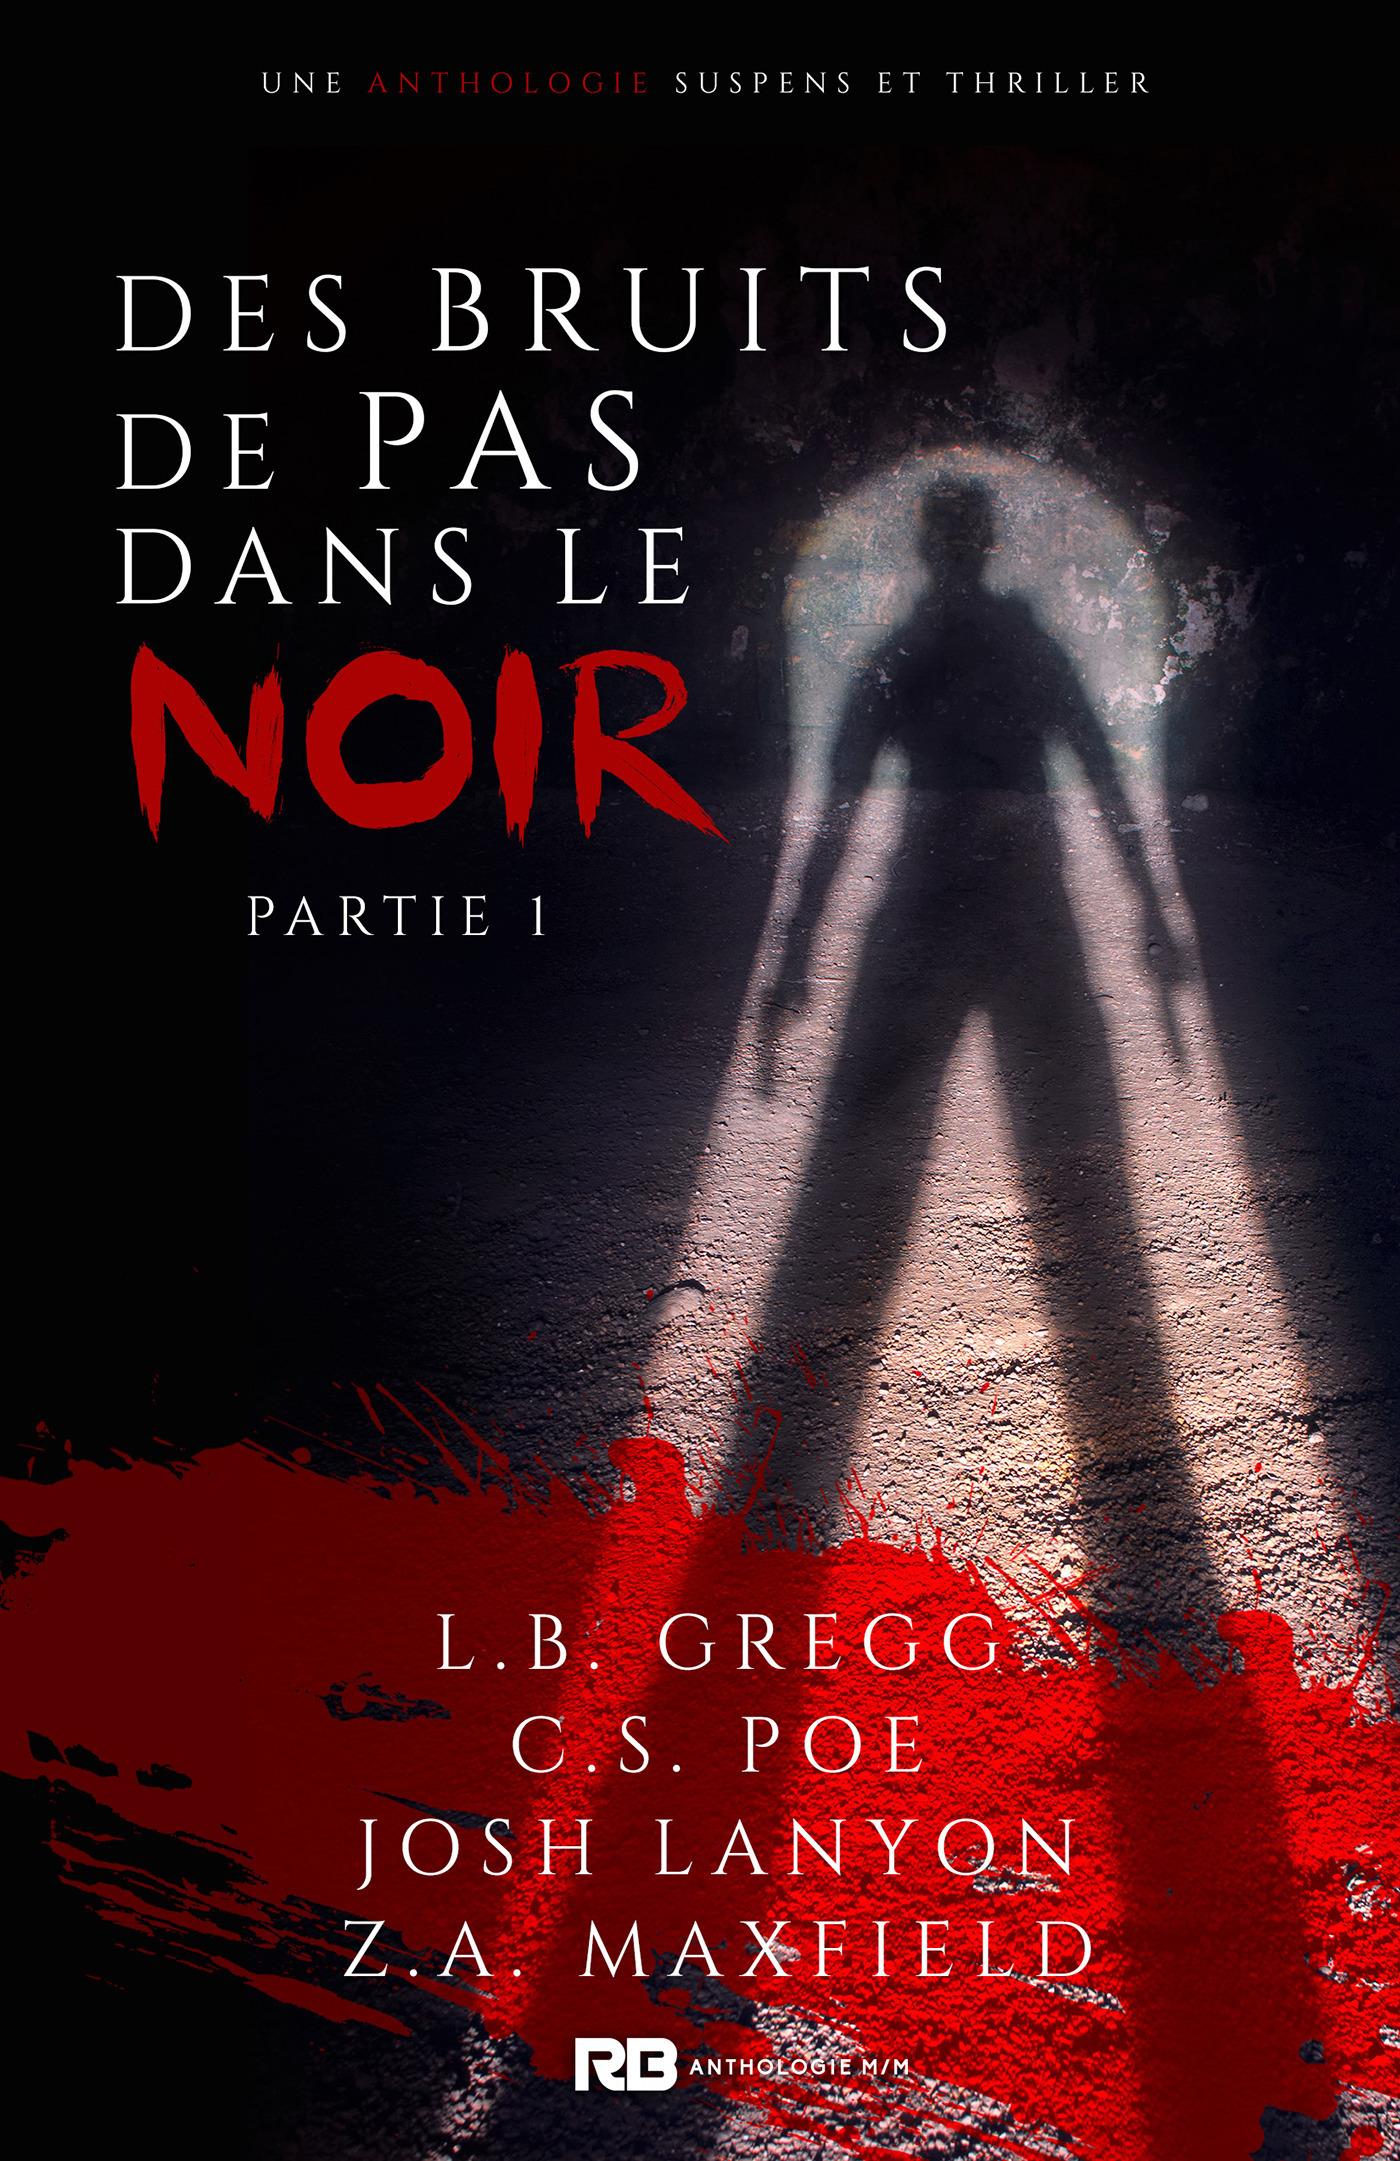 Des bruits de pas dans le noir  - Josh Lanyon  - Z. A. Maxfield  - C. S. Poe  - Cs Poe  - L. B. Greeg